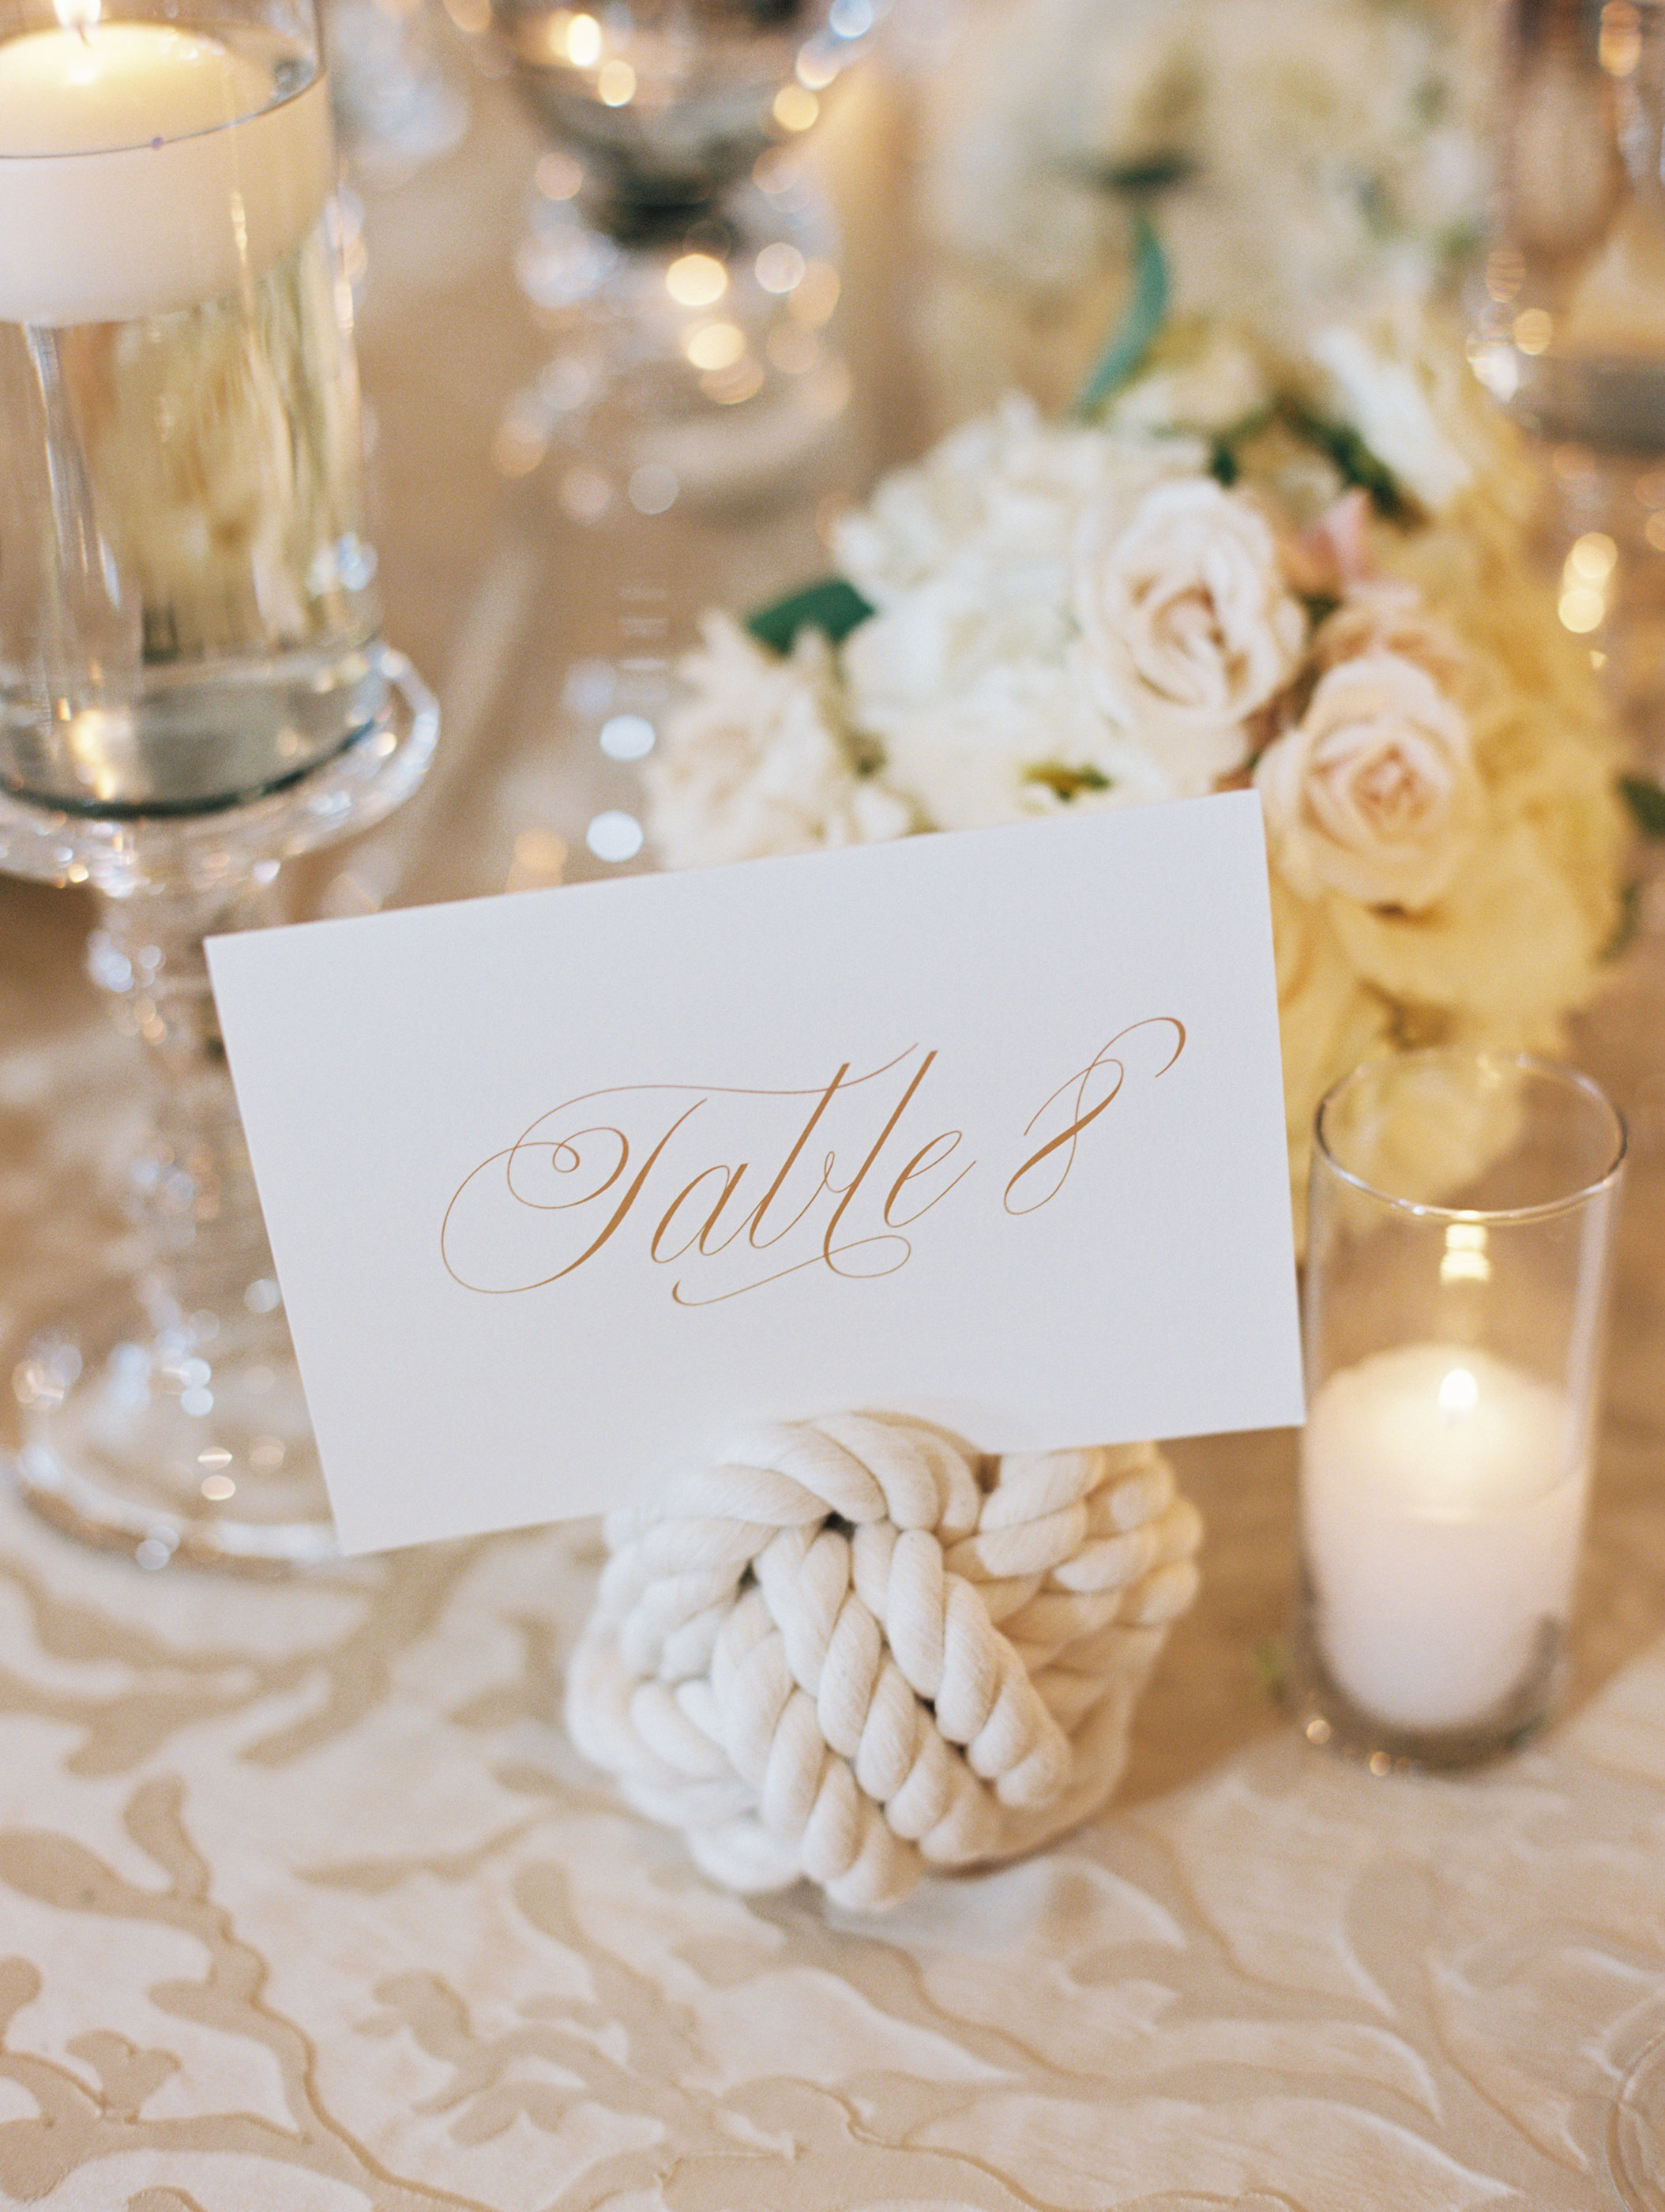 Stationary Details - Kiawah Island, South Carolina - Fall Wedding - Julian Leaver Events